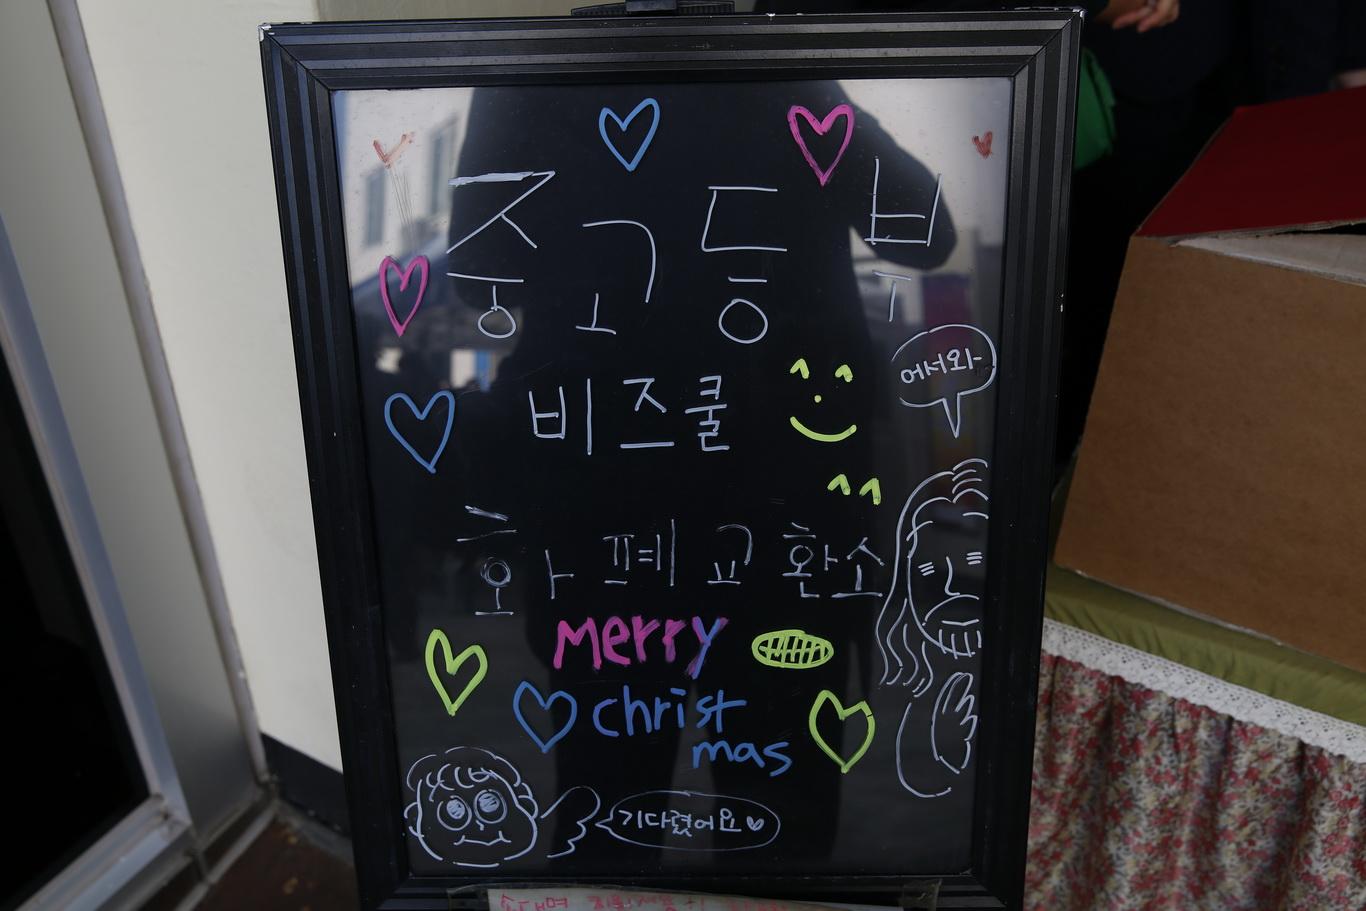 2019-12-25 성탄 대축일 (112)_크기변경.JPG